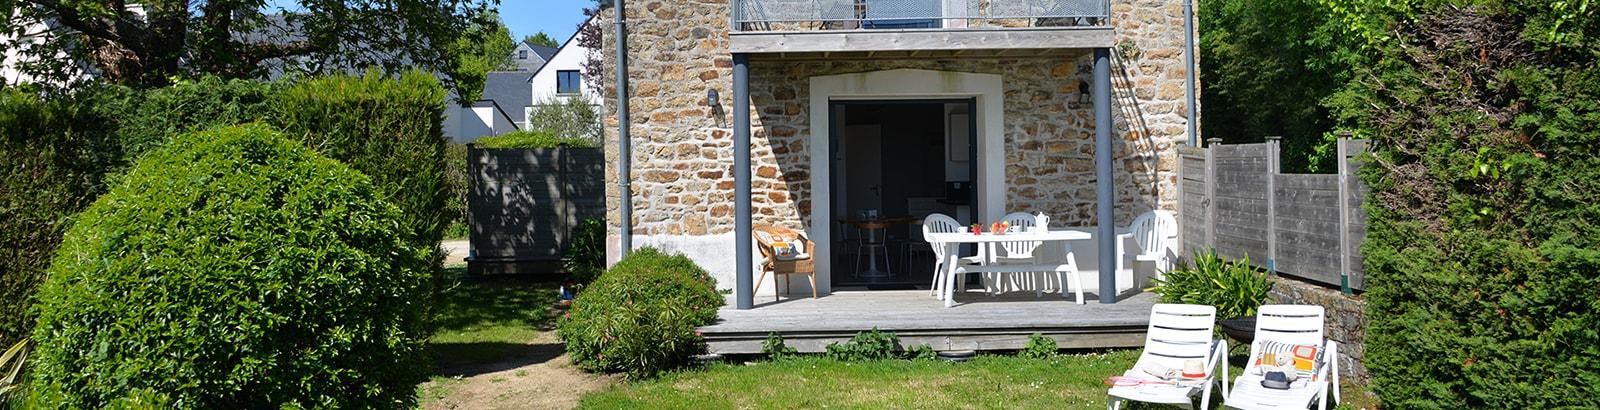 La Grange Ferienhaus für 4 Personen